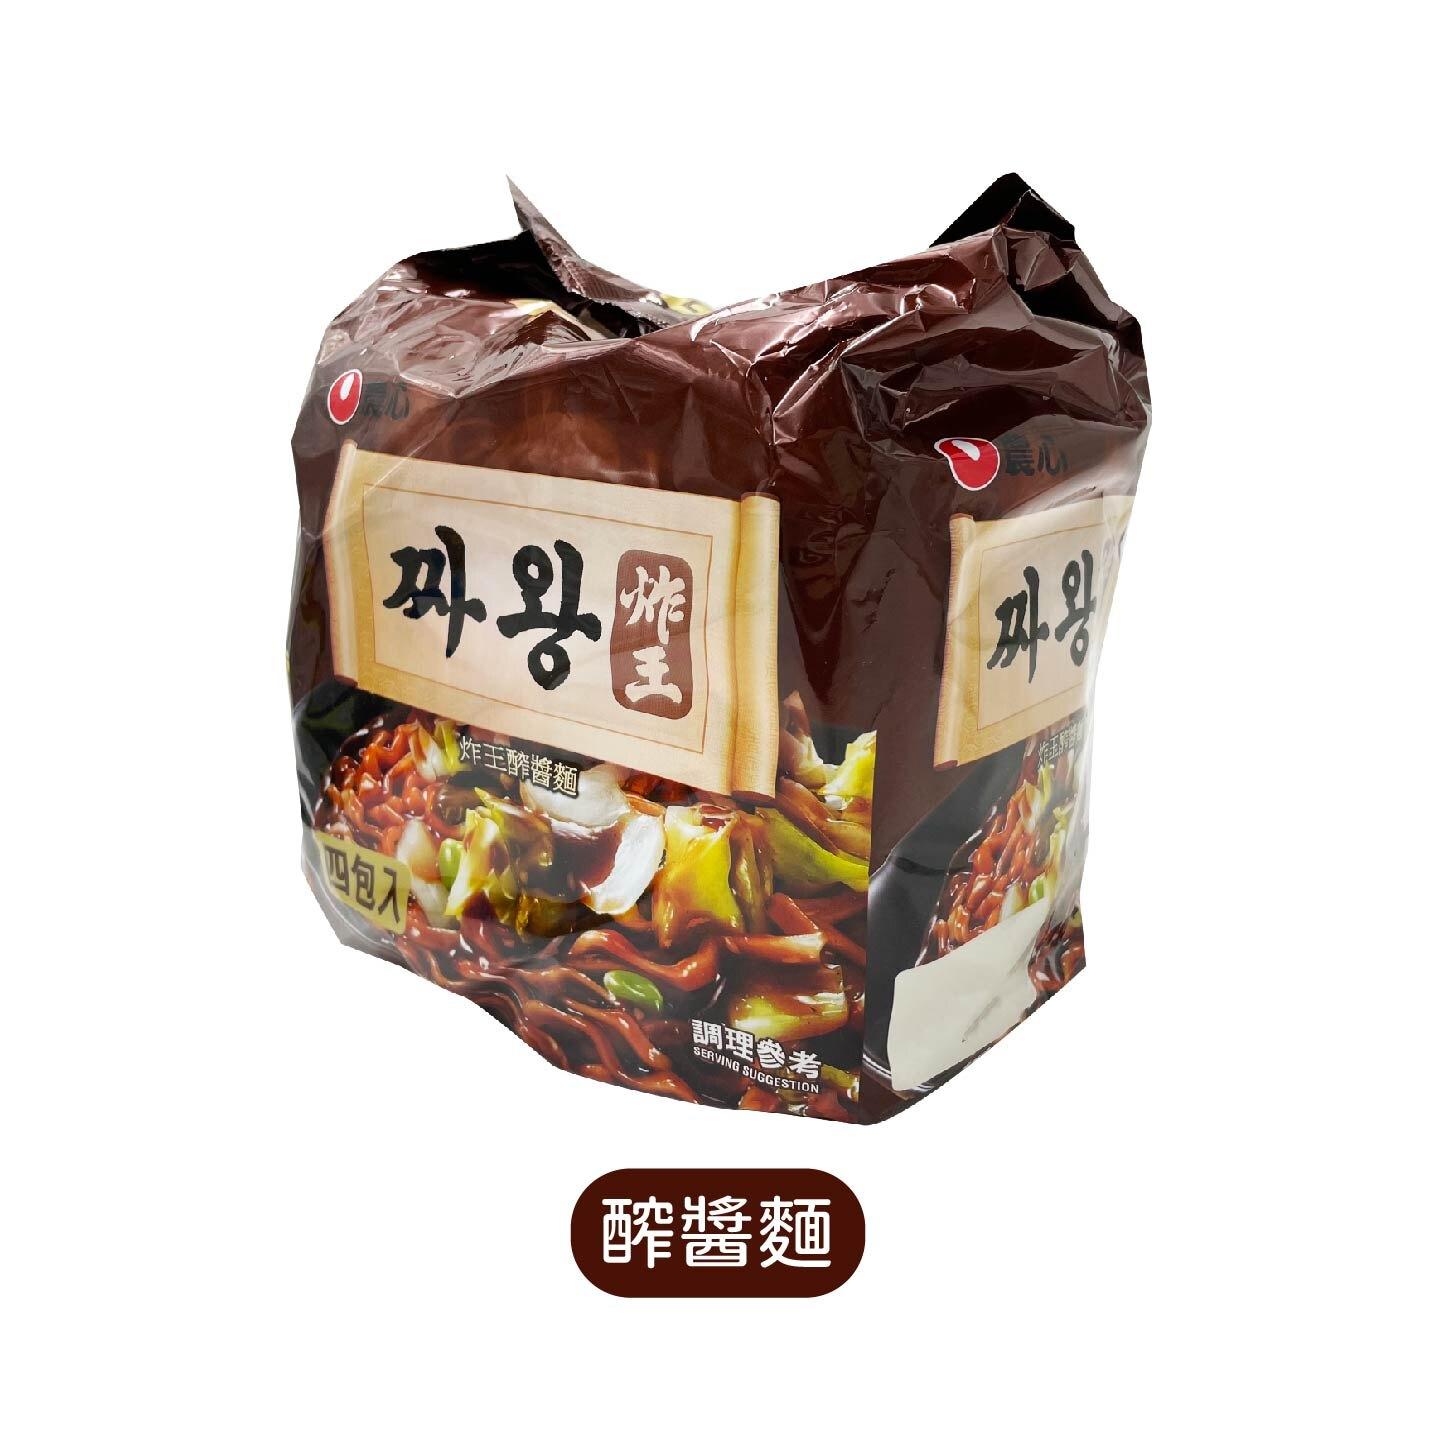 韓國 農心 4食包麵 炒碼麵520g/炸醬麵536g 泡麵 炒碼麵 醡醬麵 炸王 炒碼王